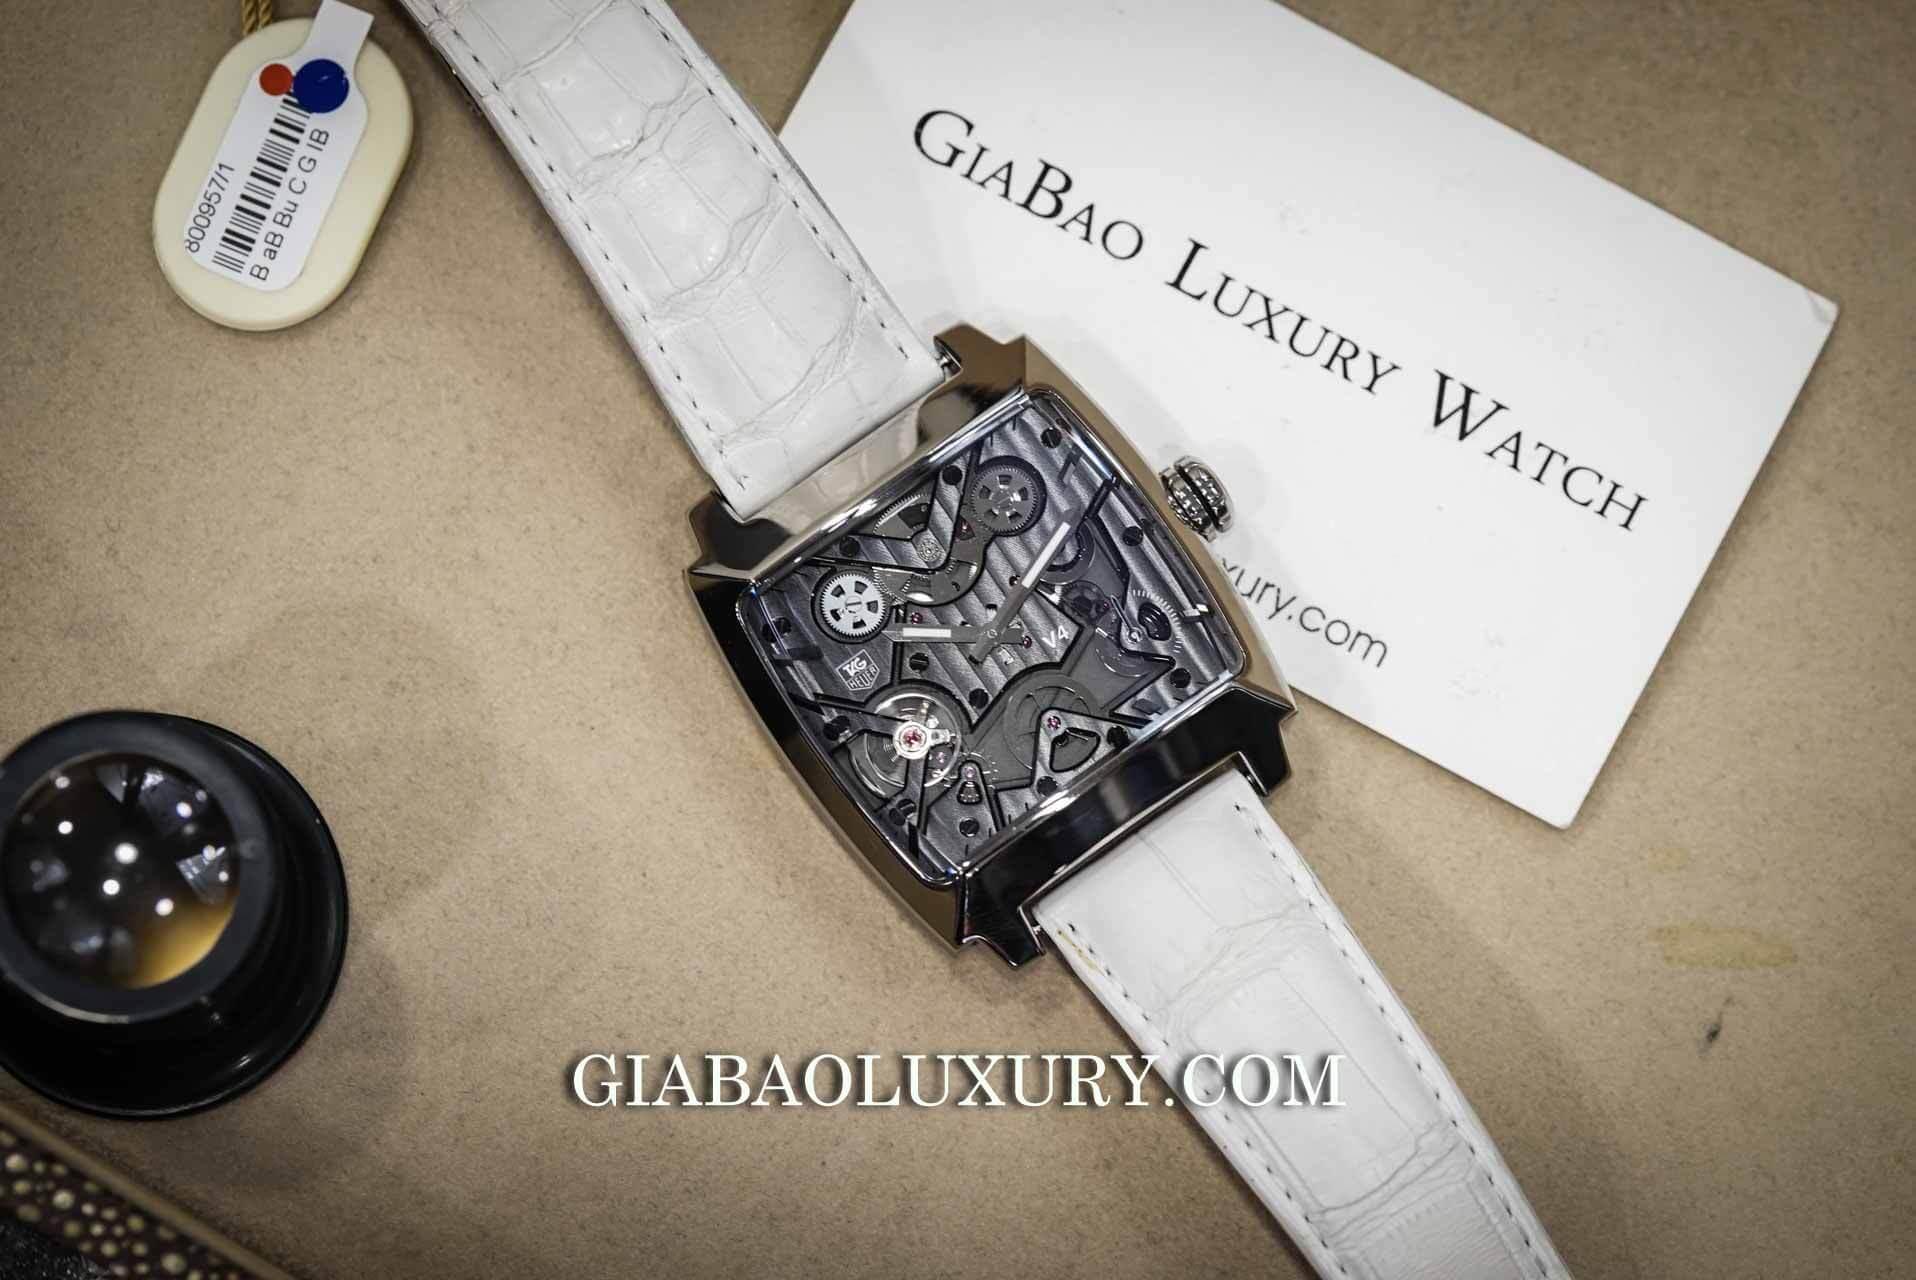 Thu mua đồng hồ Tag Heuer chính hãng tại Gia Bảo Luxury